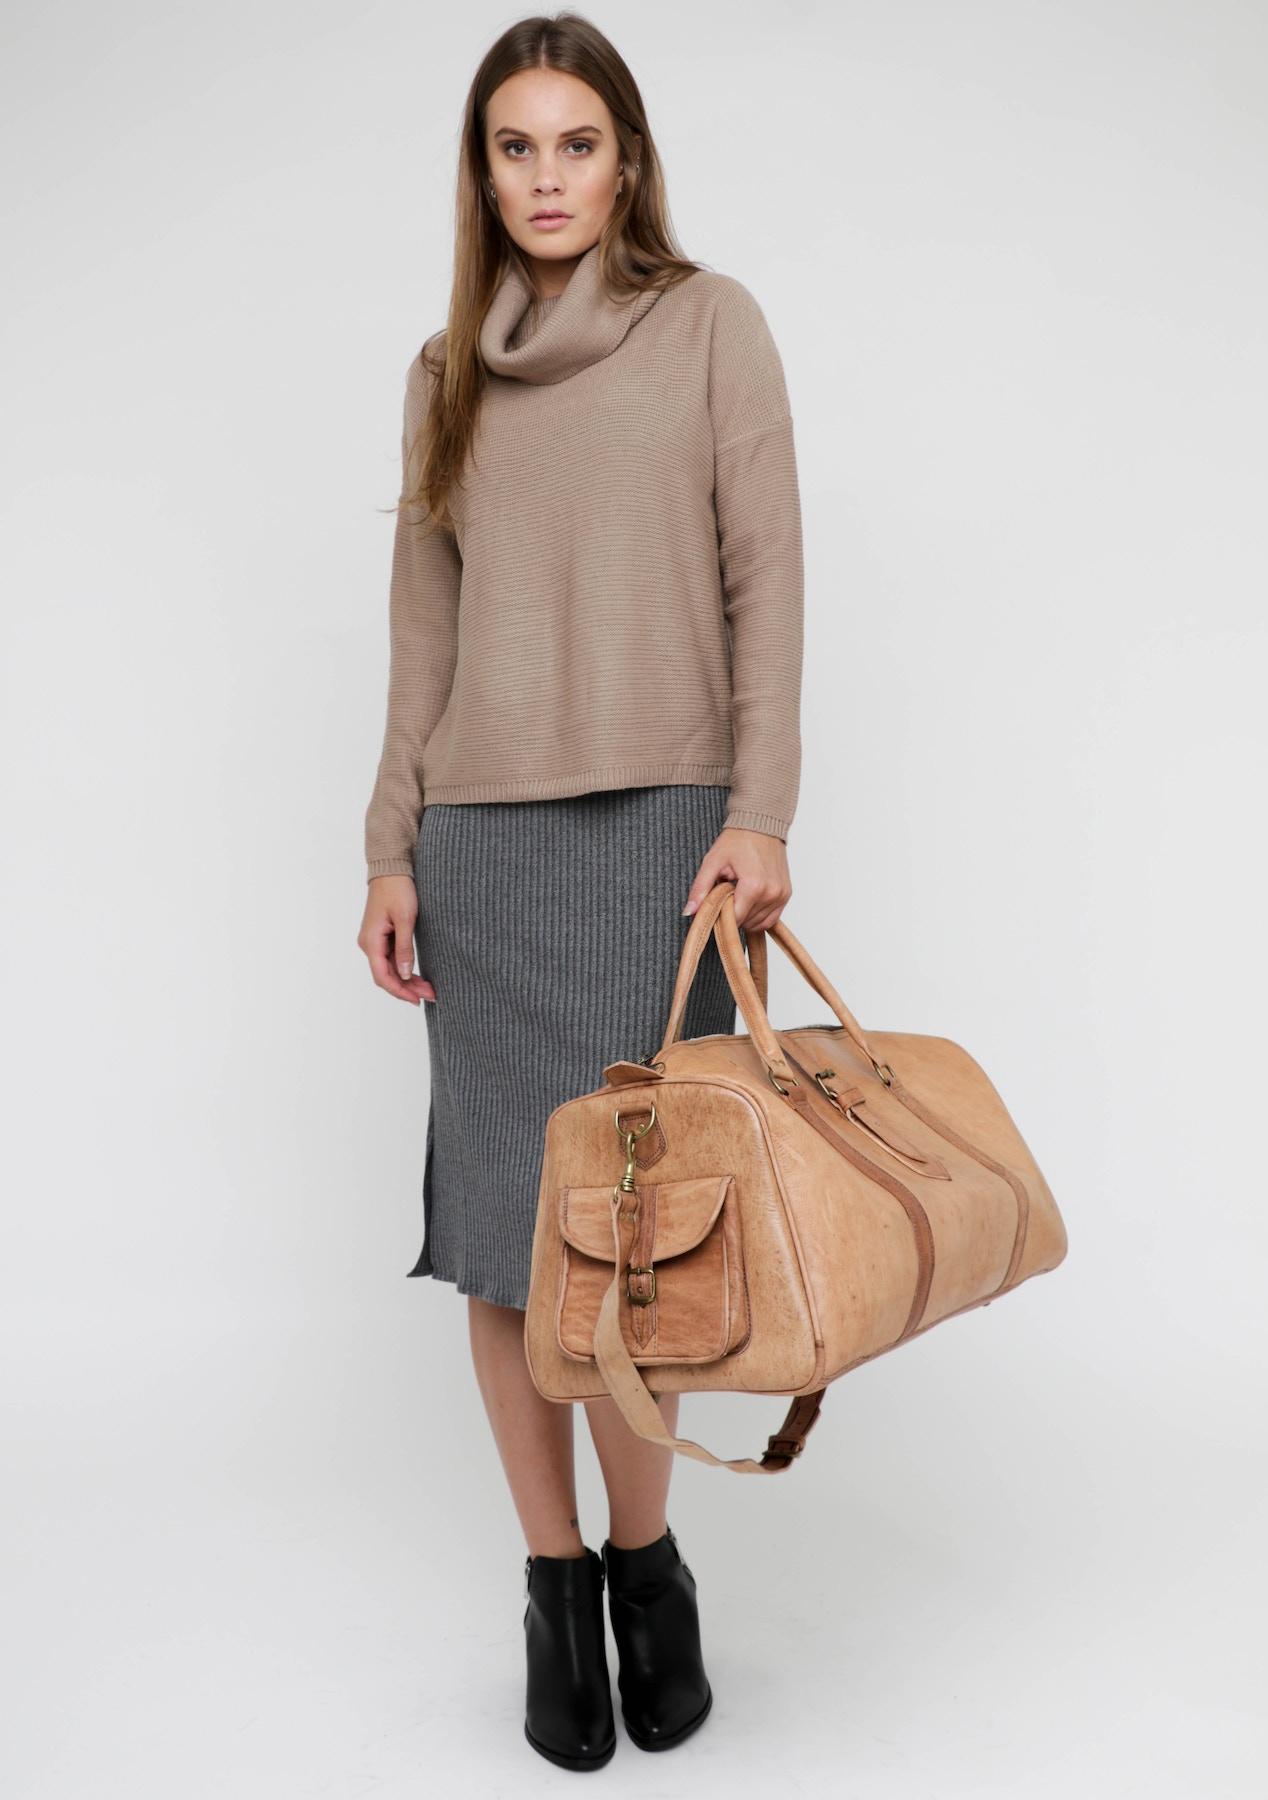 hermes bag cost - Handcrafted Genuine Leather weekend bag - Natural Tan - Handbags ...